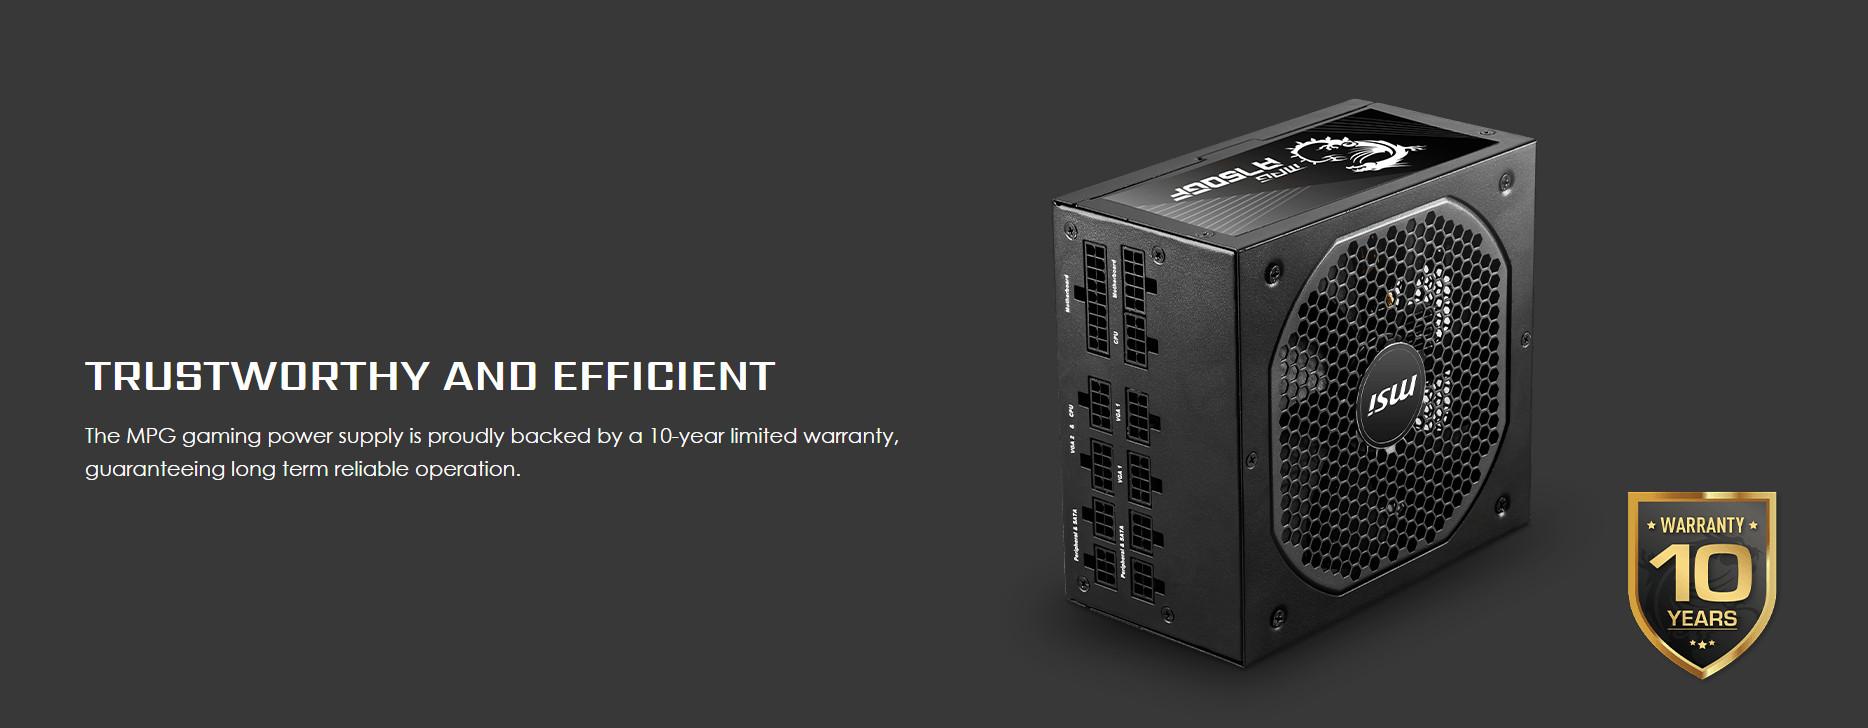 Nguồn máy tính MSI MPG A750GF 750W (80 Plus Gold/Full Modular/Màu Đen) giới thiệu 3